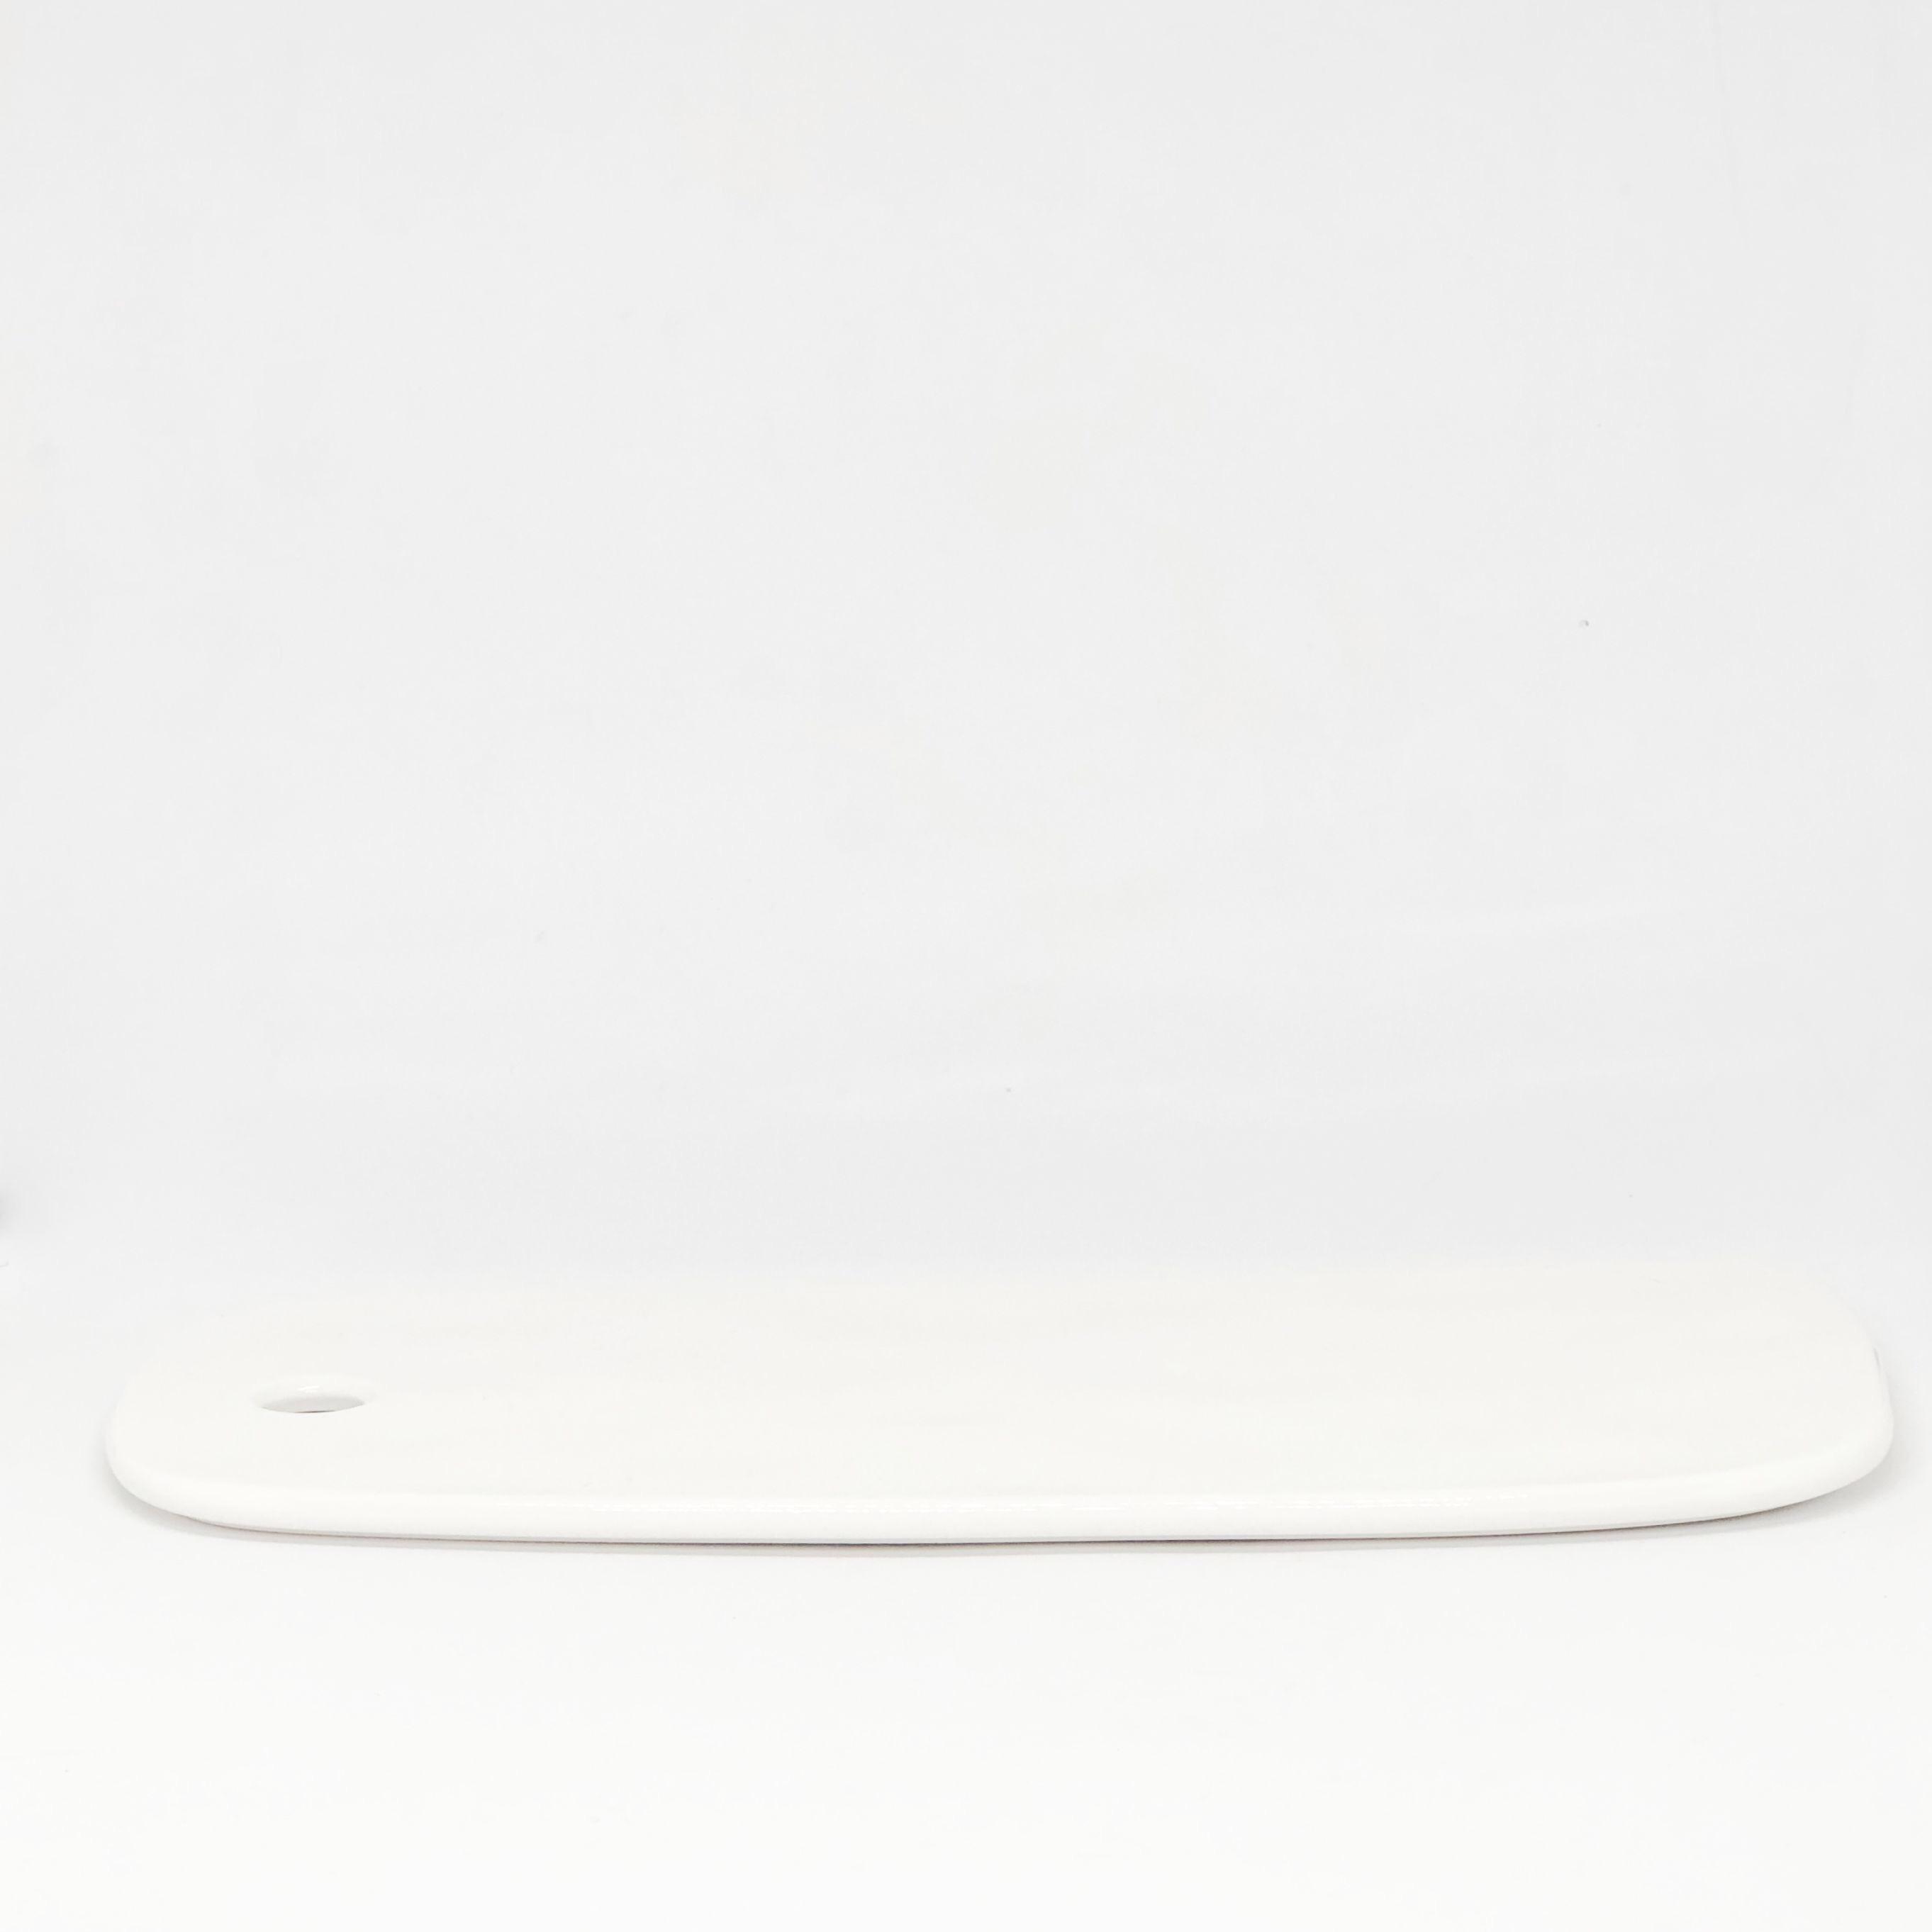 SNOW TABLA2